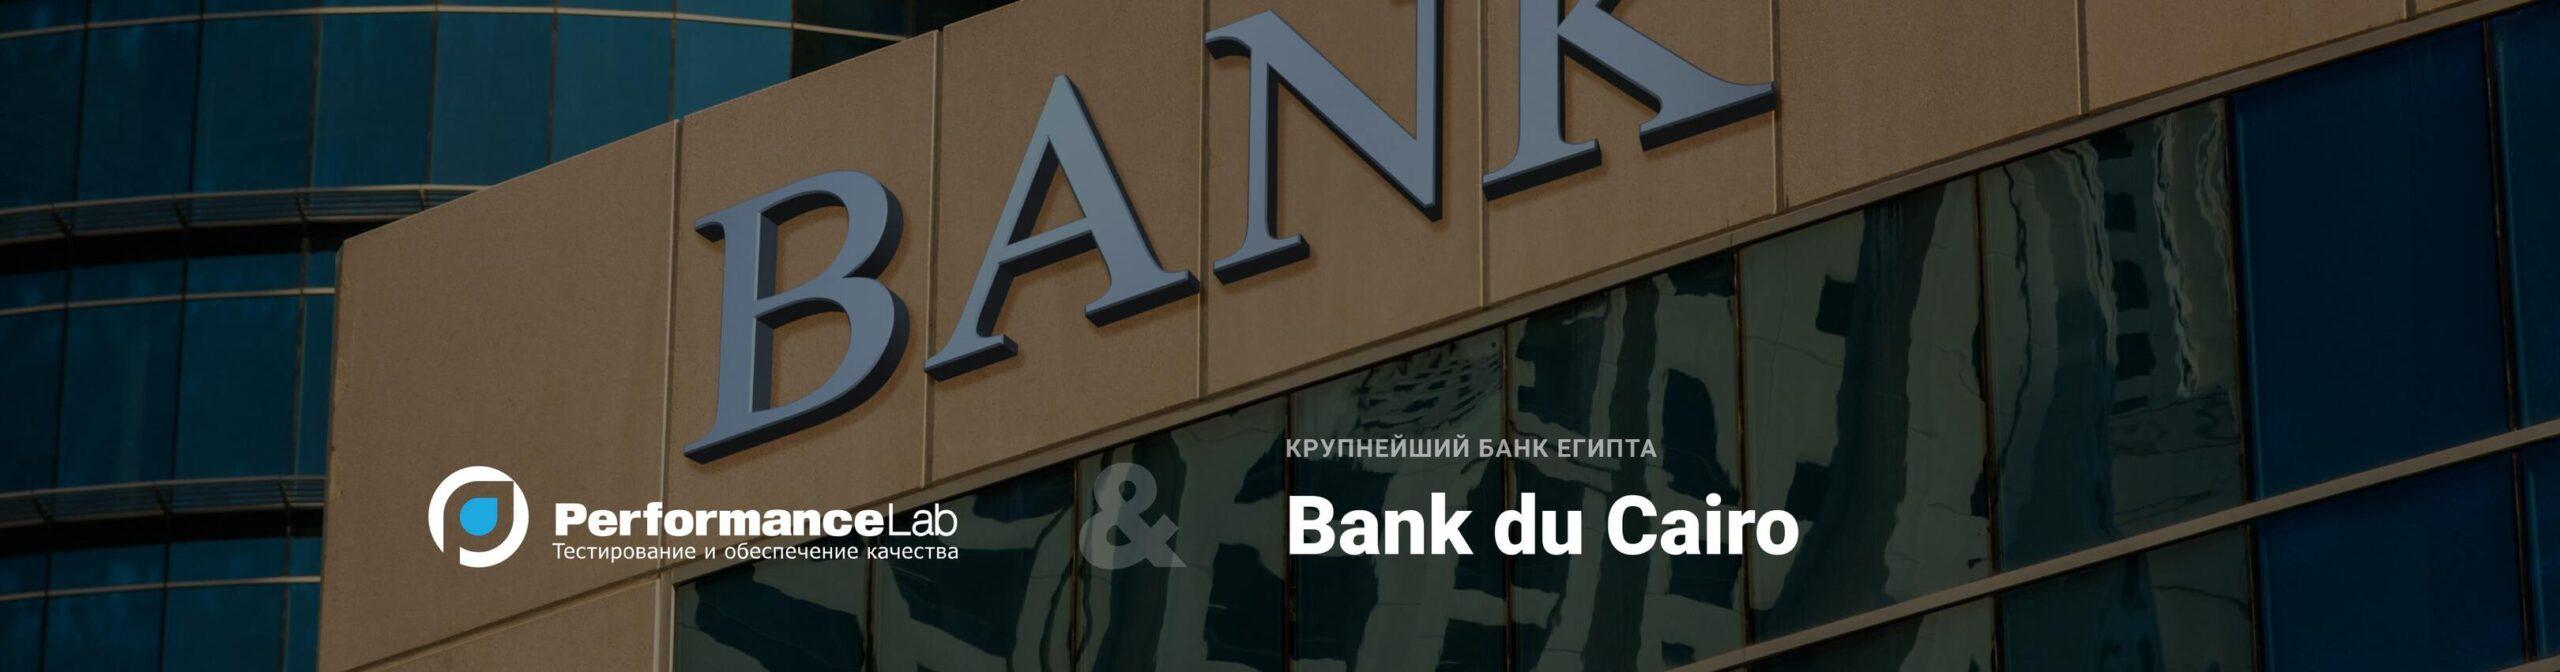 Интервью с Bank du Caire Египет превью